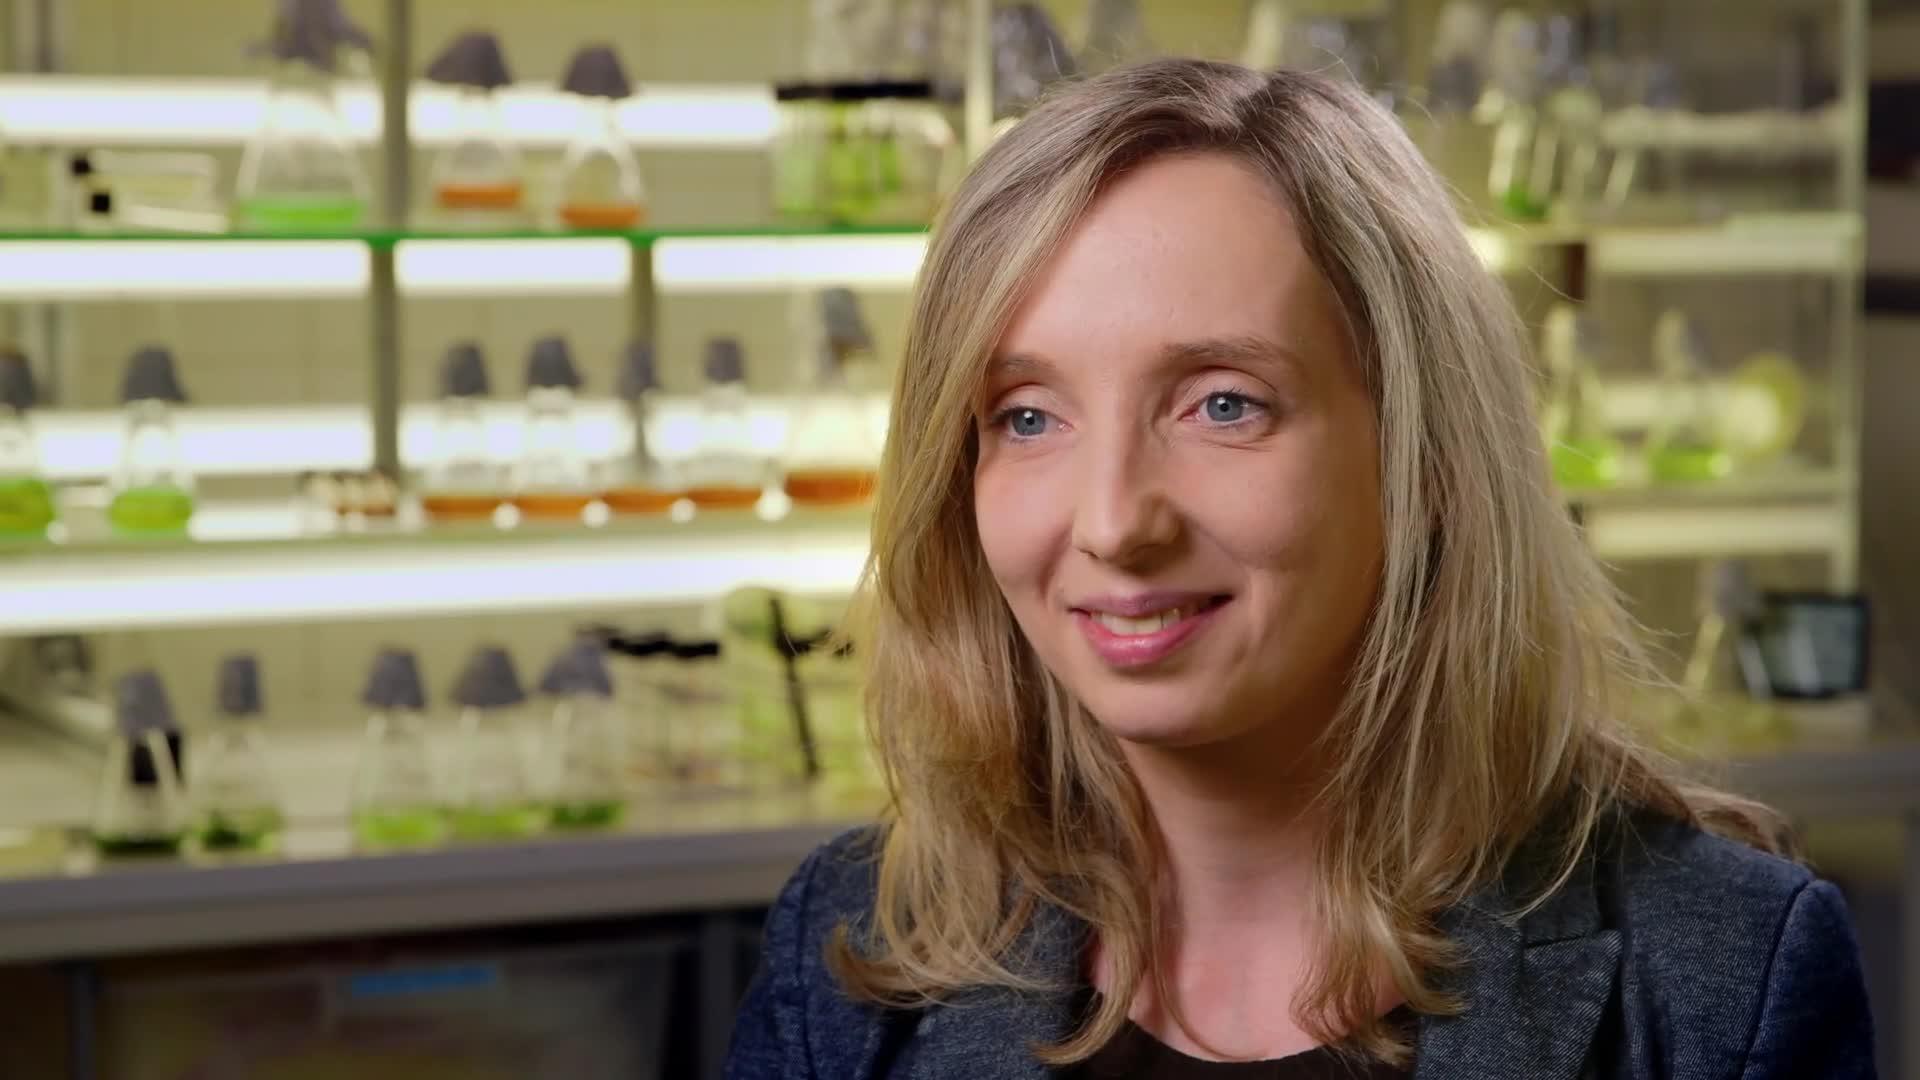 Prof. Dr. Kathrin Castiglione - Bier, Waschmittel, Medikamente: Biotechnologie findet man überall in unserem Alltag preview image